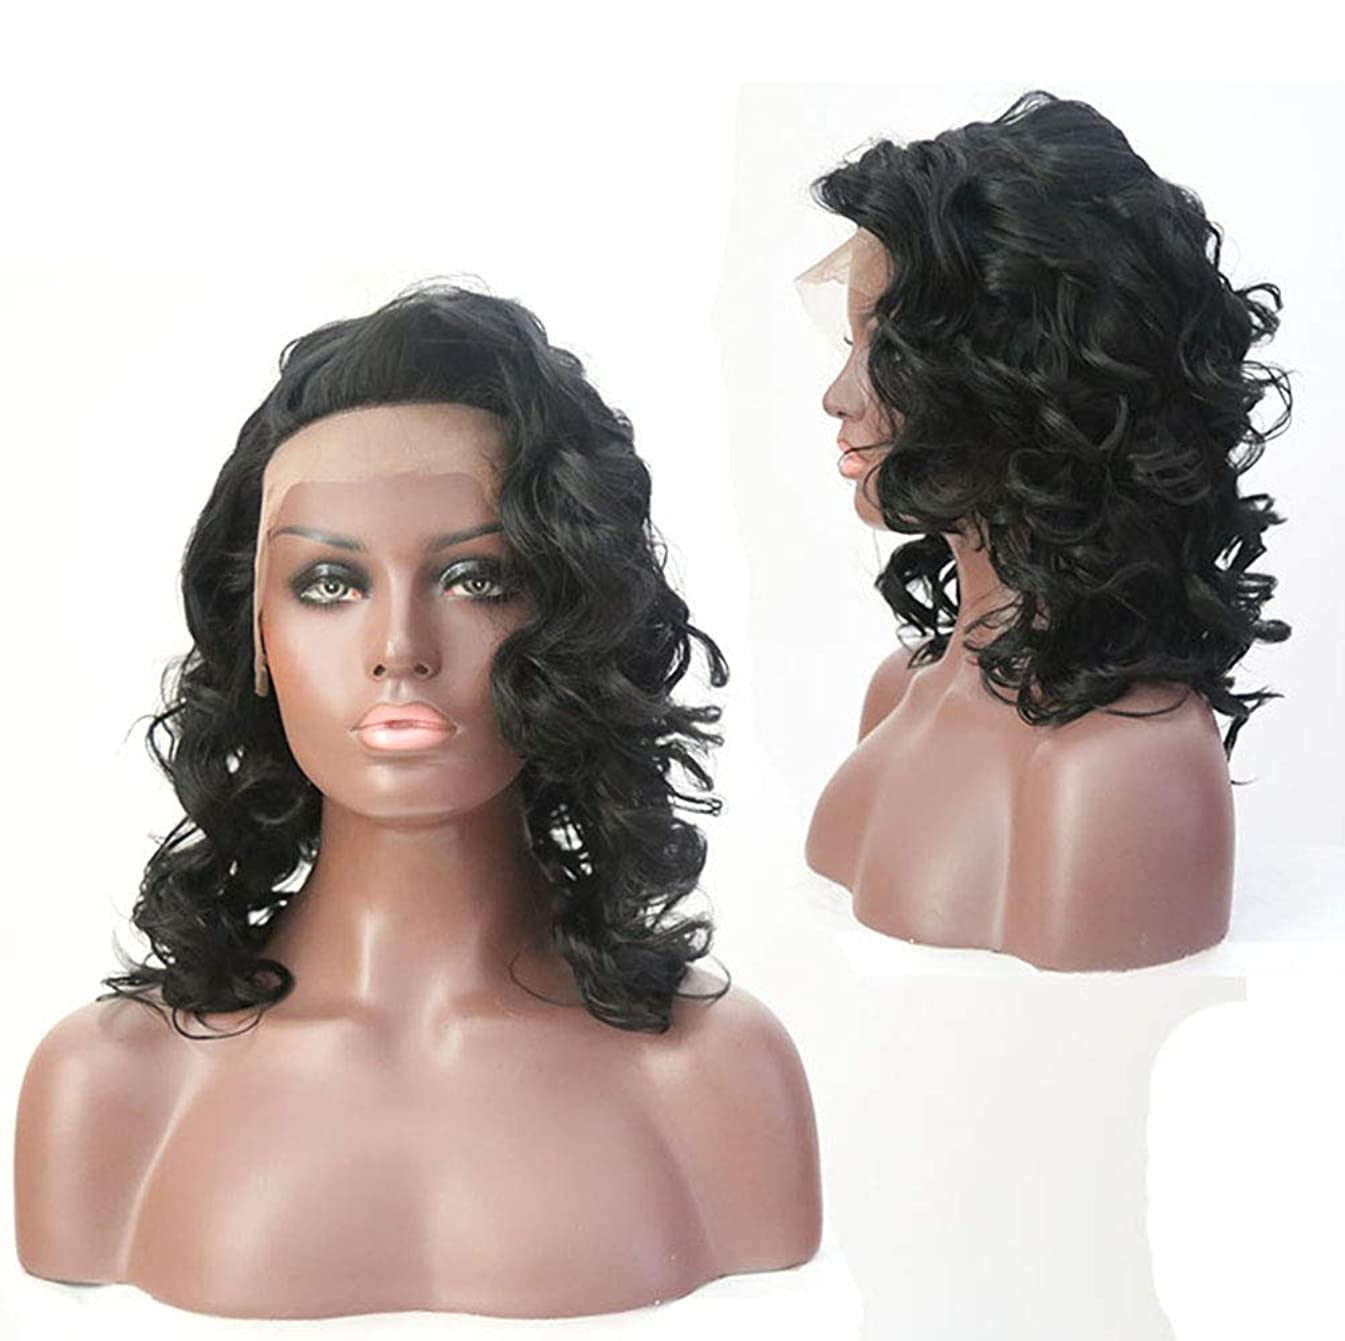 ラボ土曜日遅い女性のためのフロントレースショートカーリー変態かつらウィッグ人工毛髪耐熱かつら黒